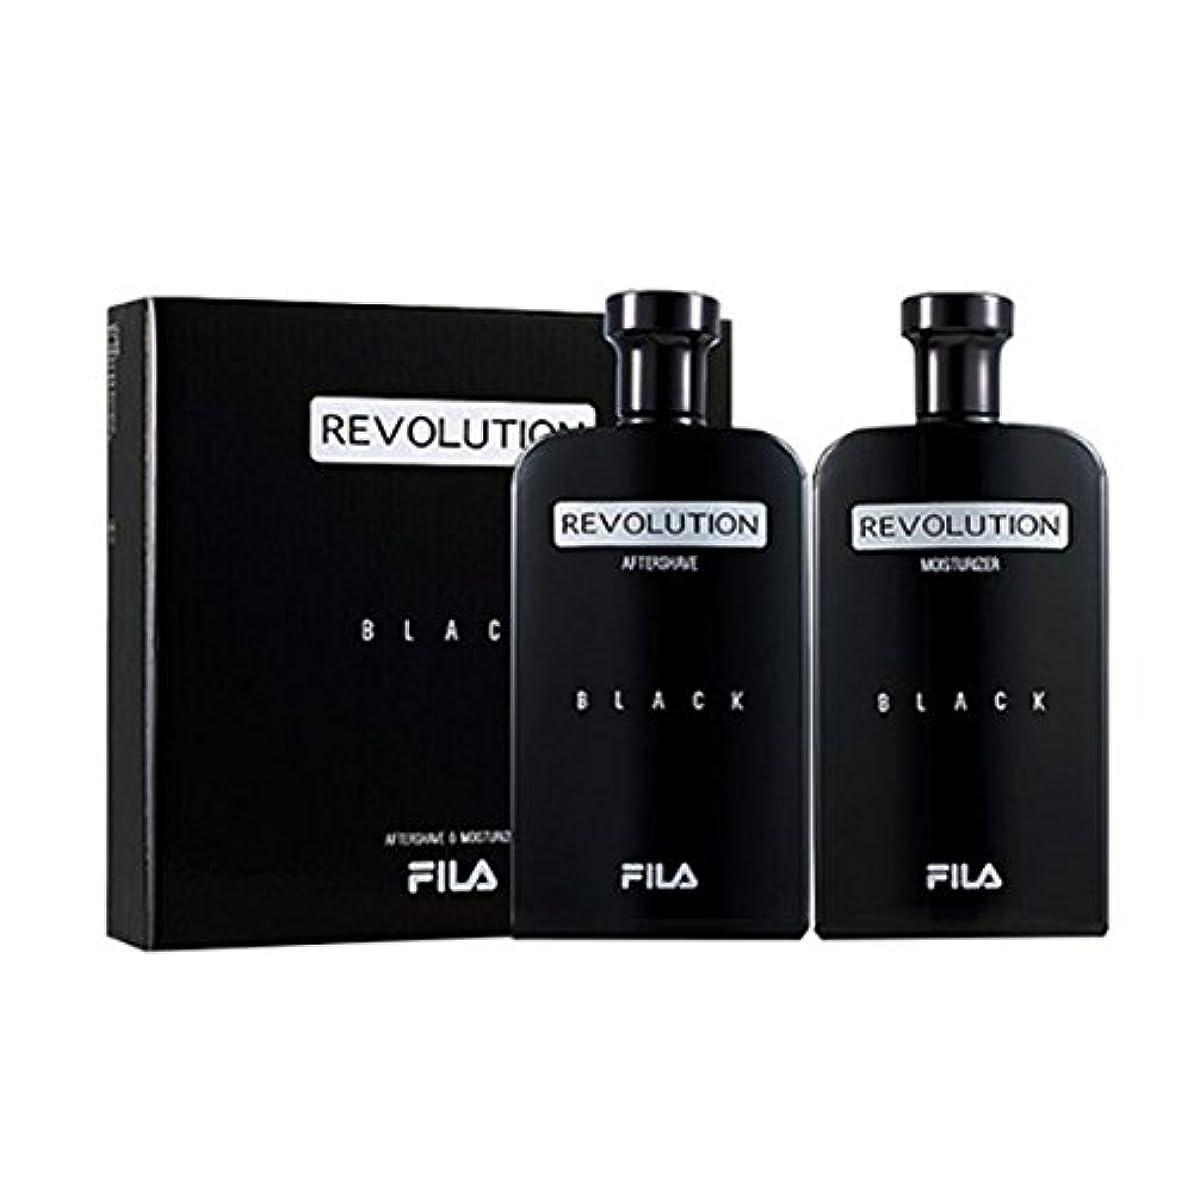 統治する騒々しいまあFCKレボルルションブラックスキン140mlローション140mlメンズコスメ、FCK Revolution Black Skin 140ml Lotion 140ml Men's Cosmetics [海外直送品]